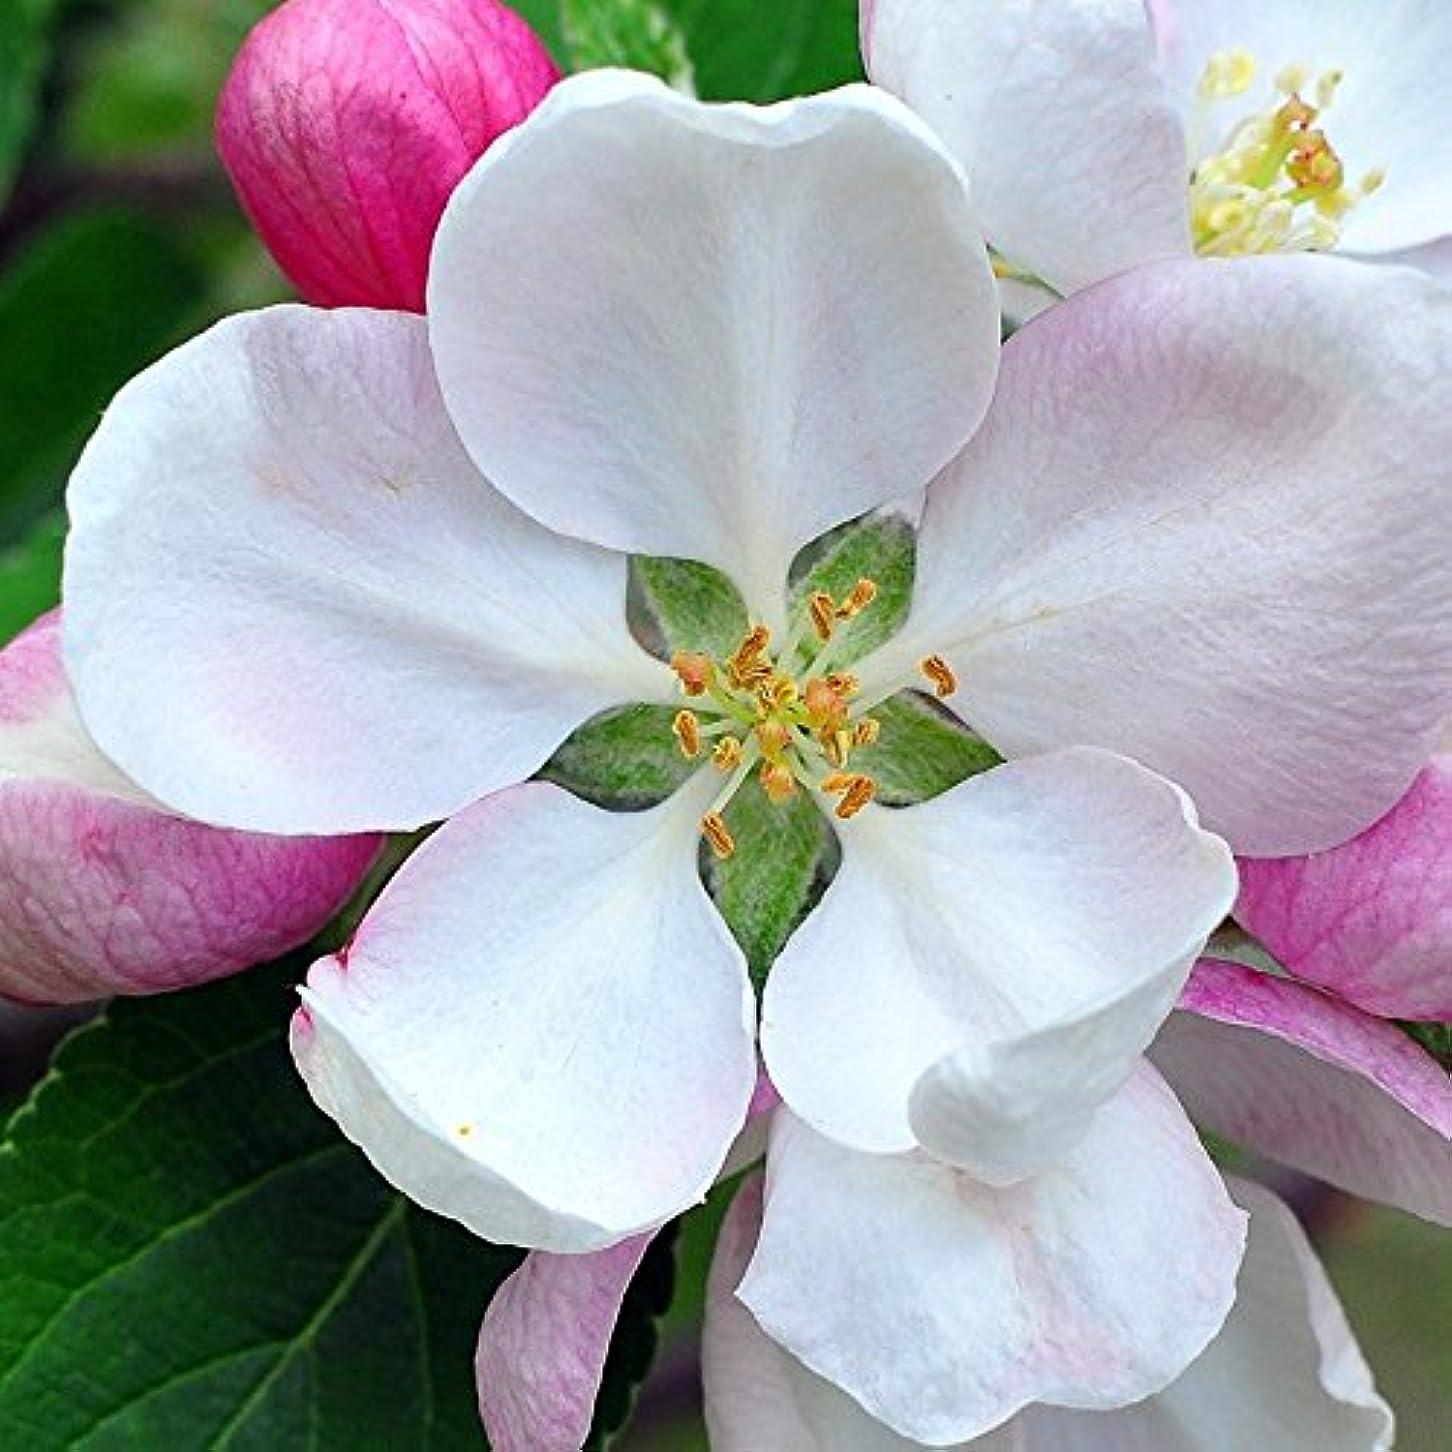 船尾ビザプレゼンターアロマフレグランスオイル 日本モクレン(Japanese Magnolia)